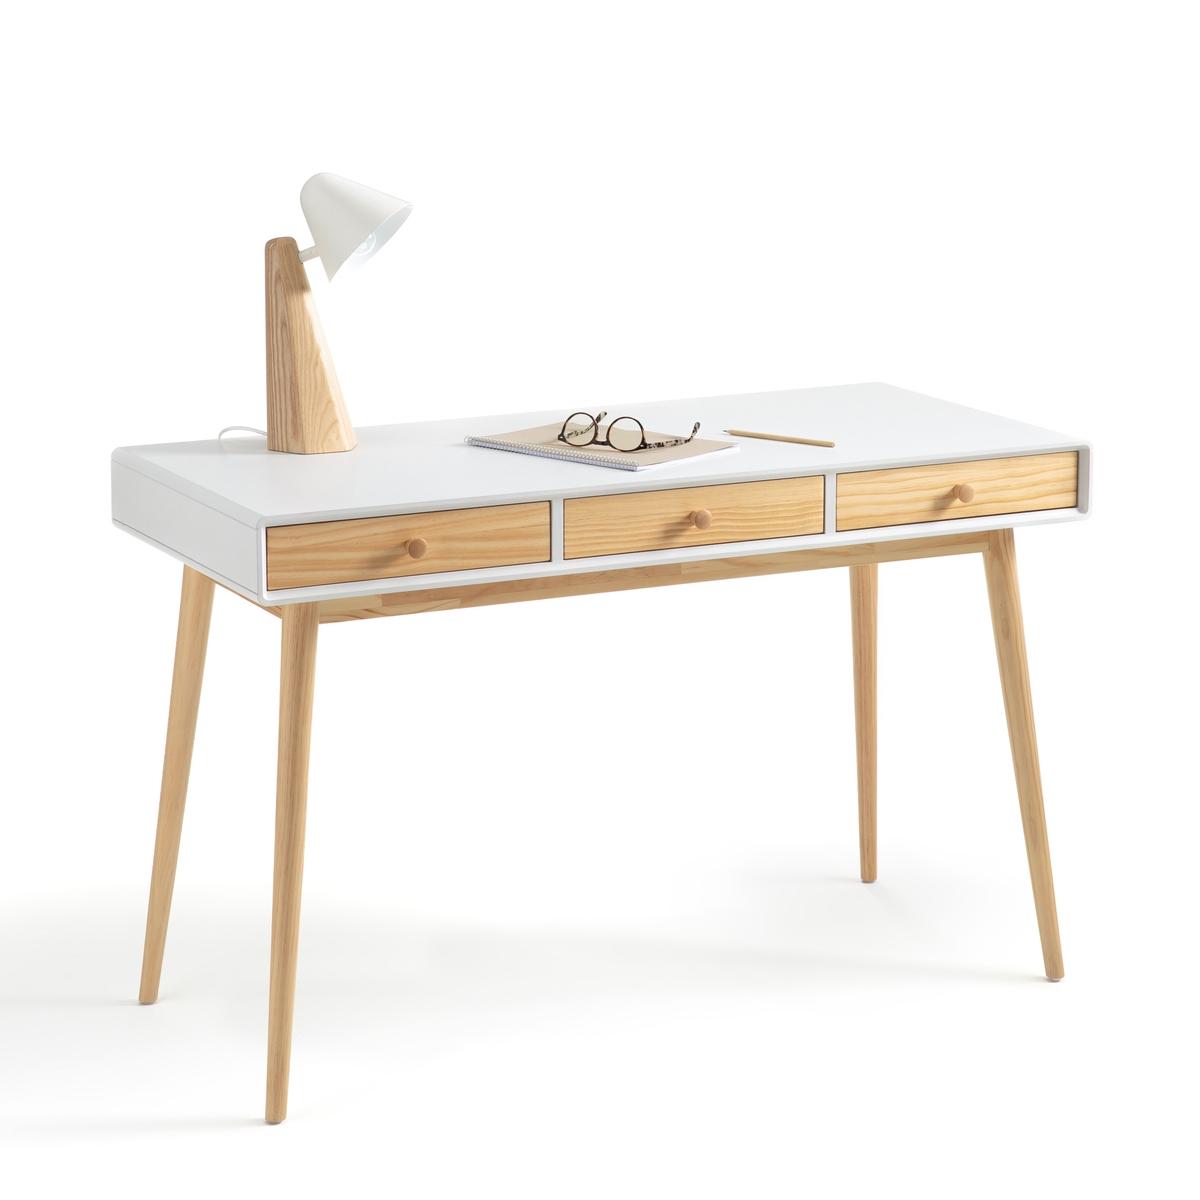 Стол La Redoute Письменный с ящиками JIMI единый размер белый